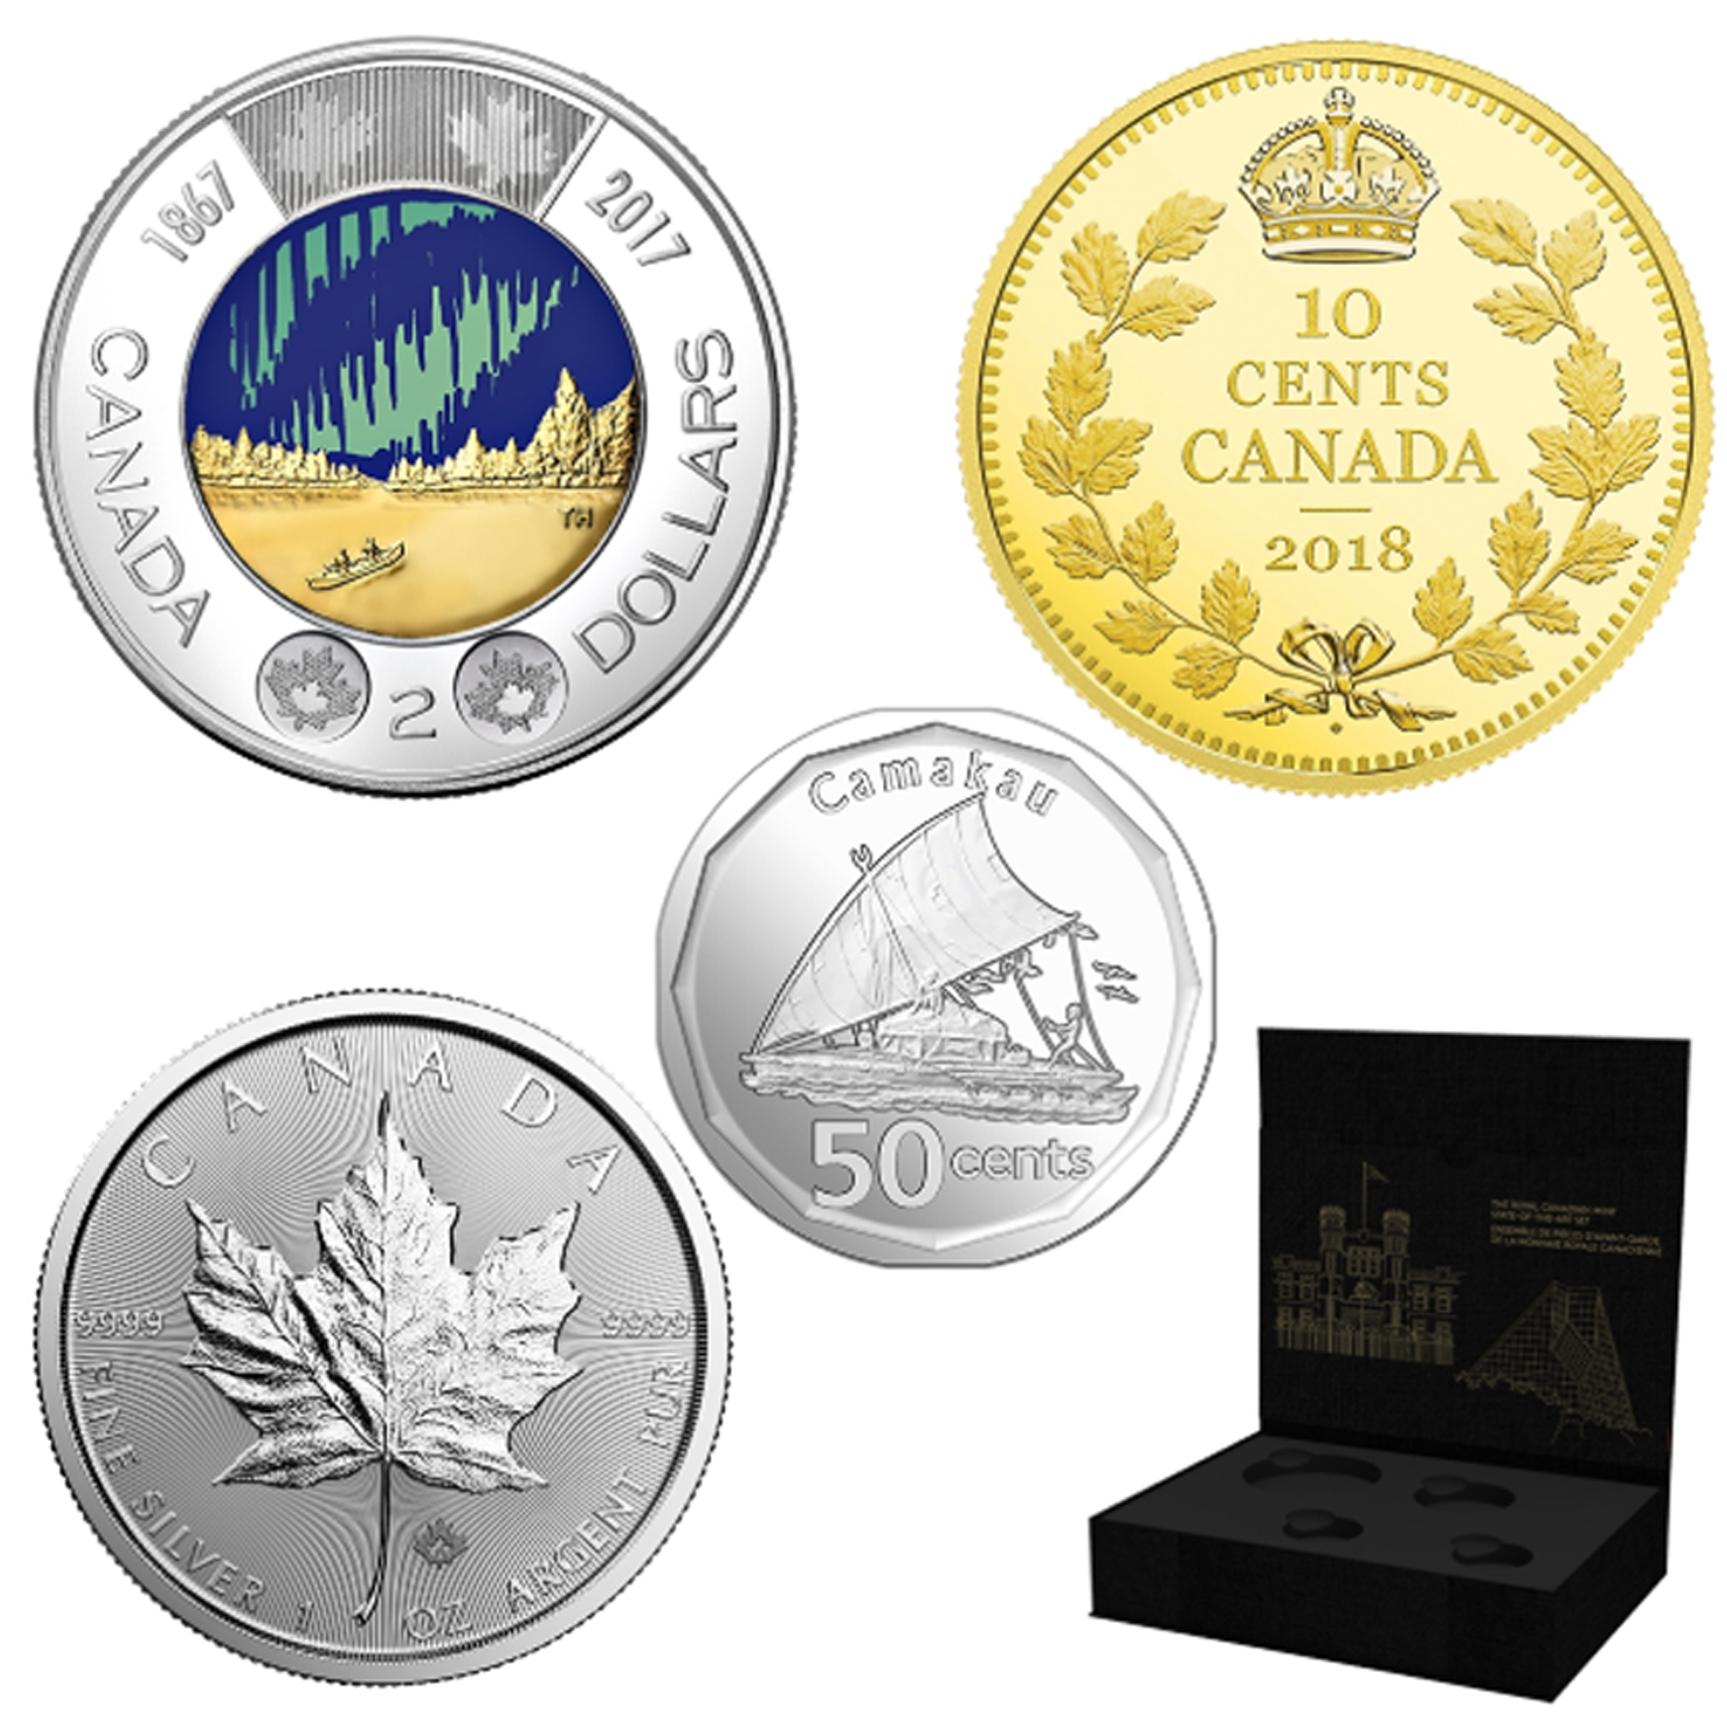 ENSEMBLE DE PIÈCES D'AVANT-GARDE DE LA MONNAIE ROYALE CANADIENNE -  PIÈCES DU CANADA 2018